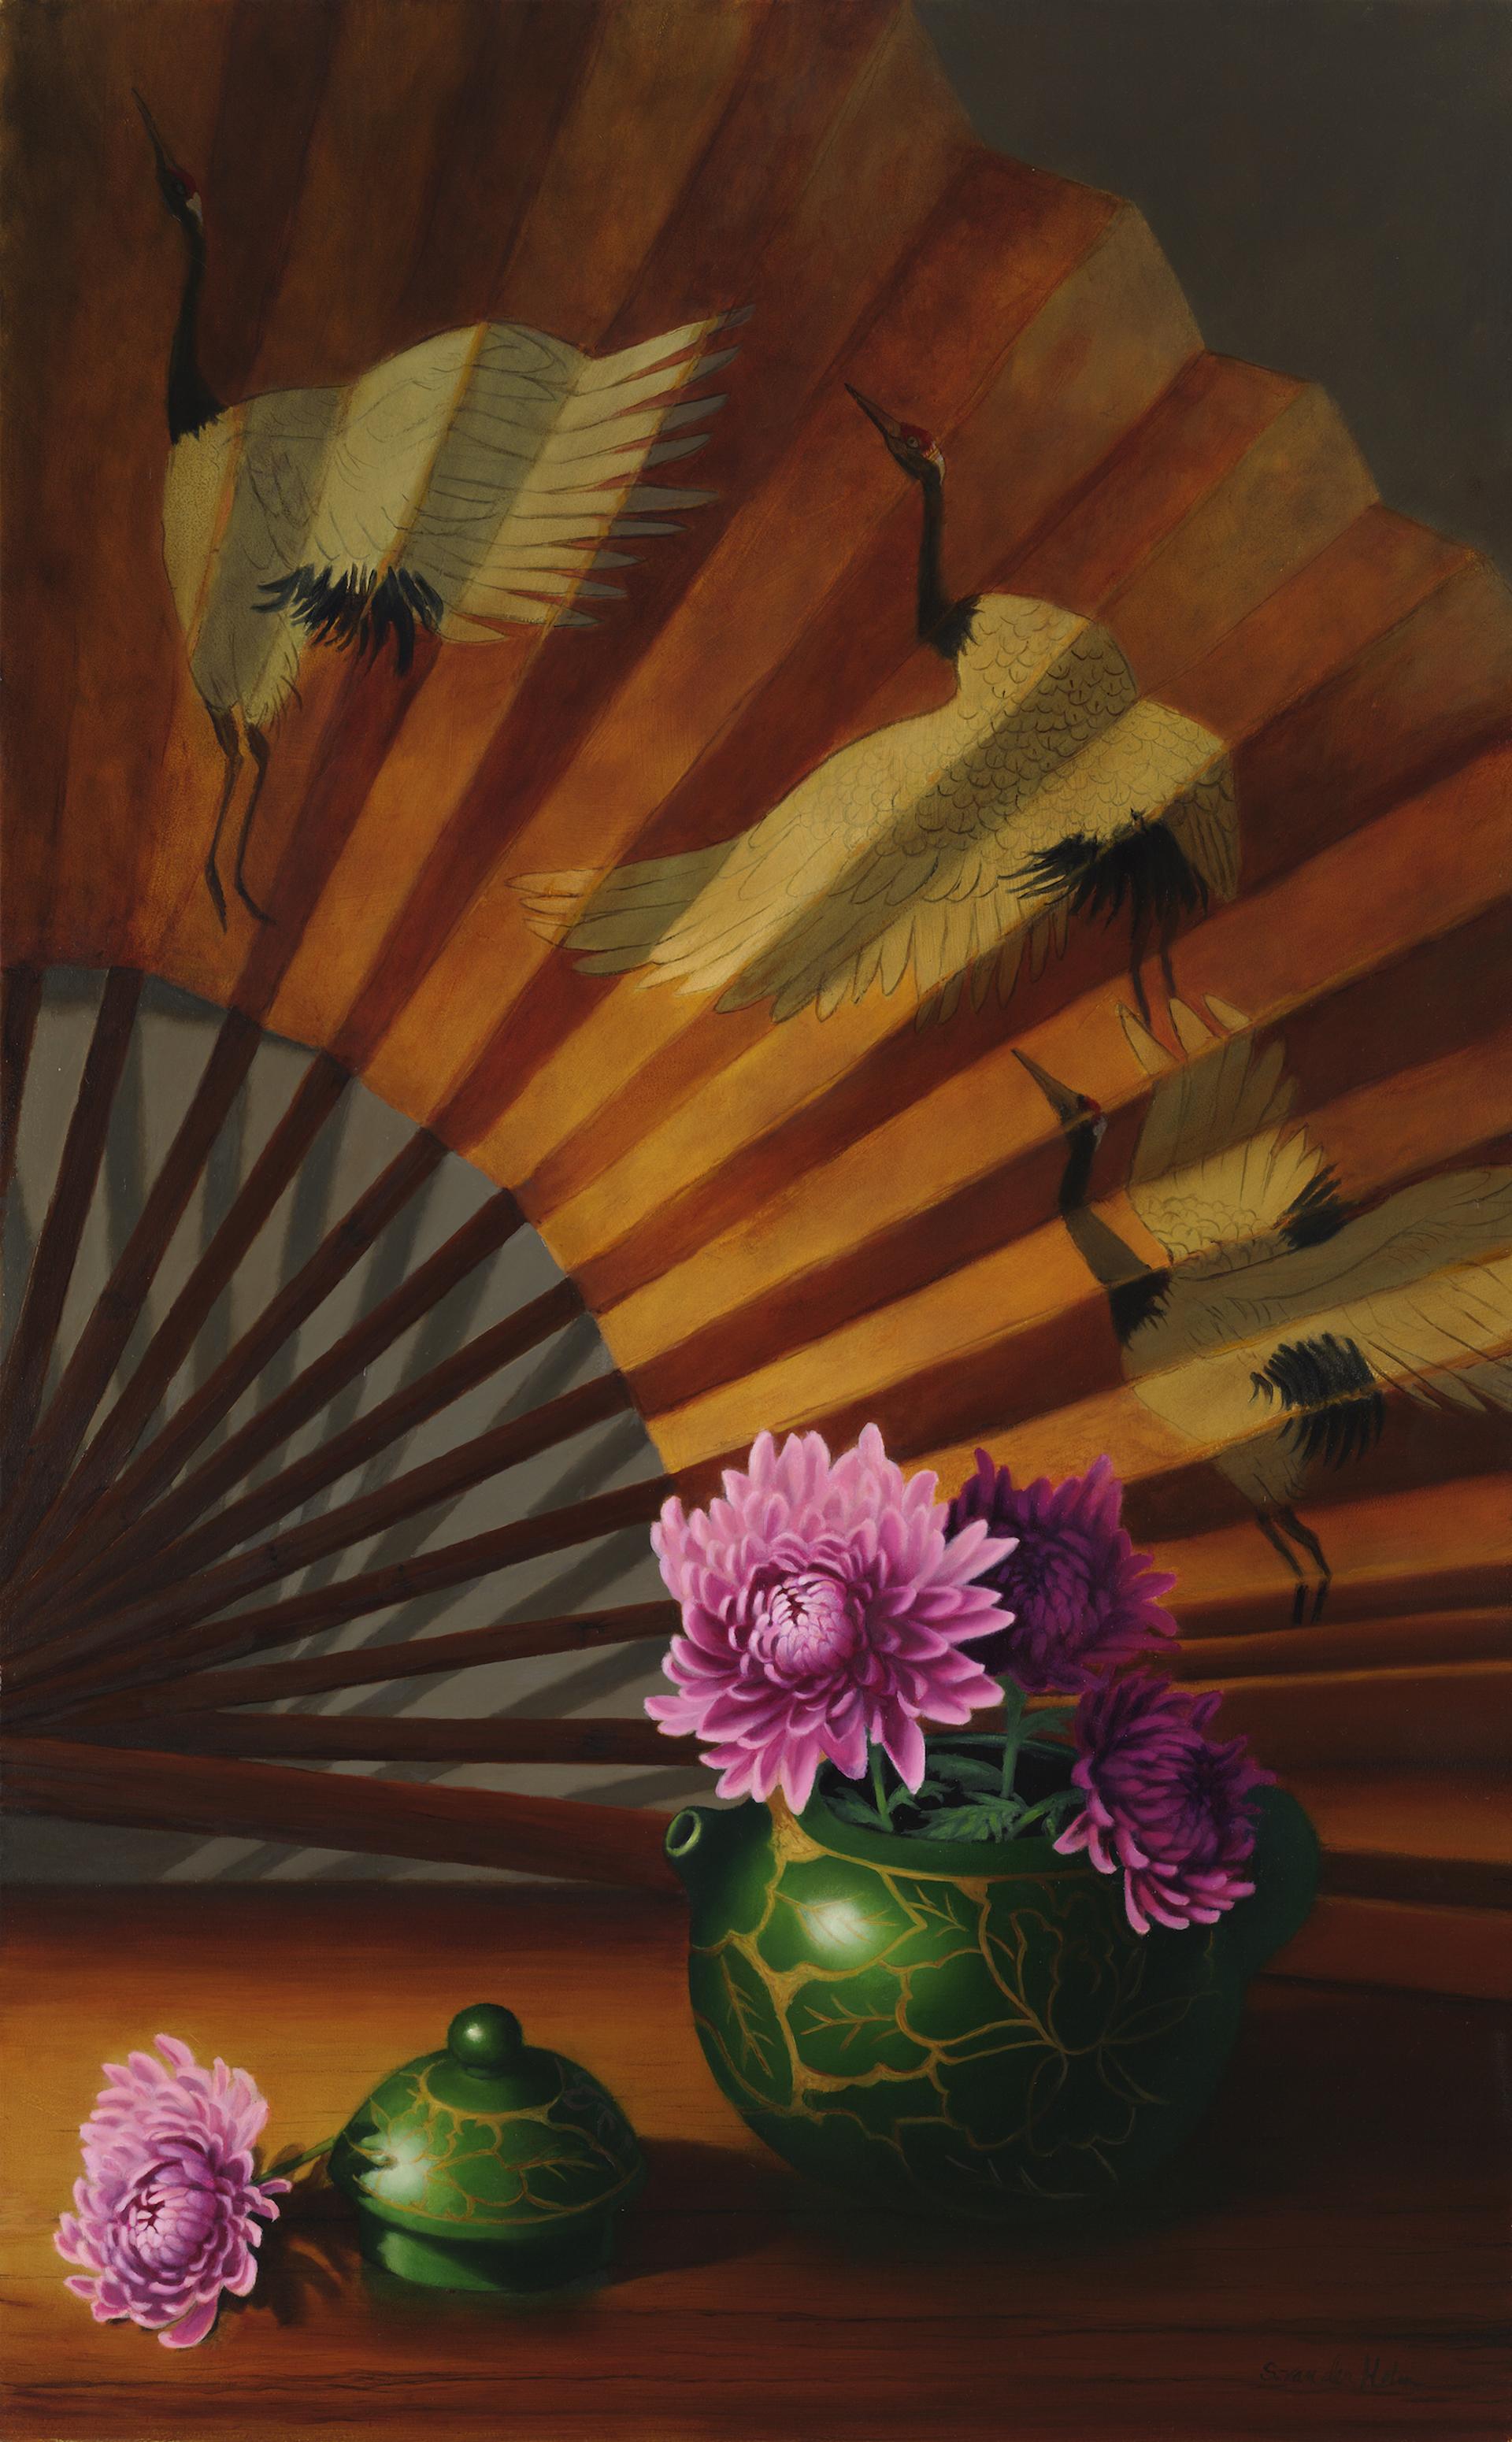 Fan with Cranes 2 by Sarah van der Helm